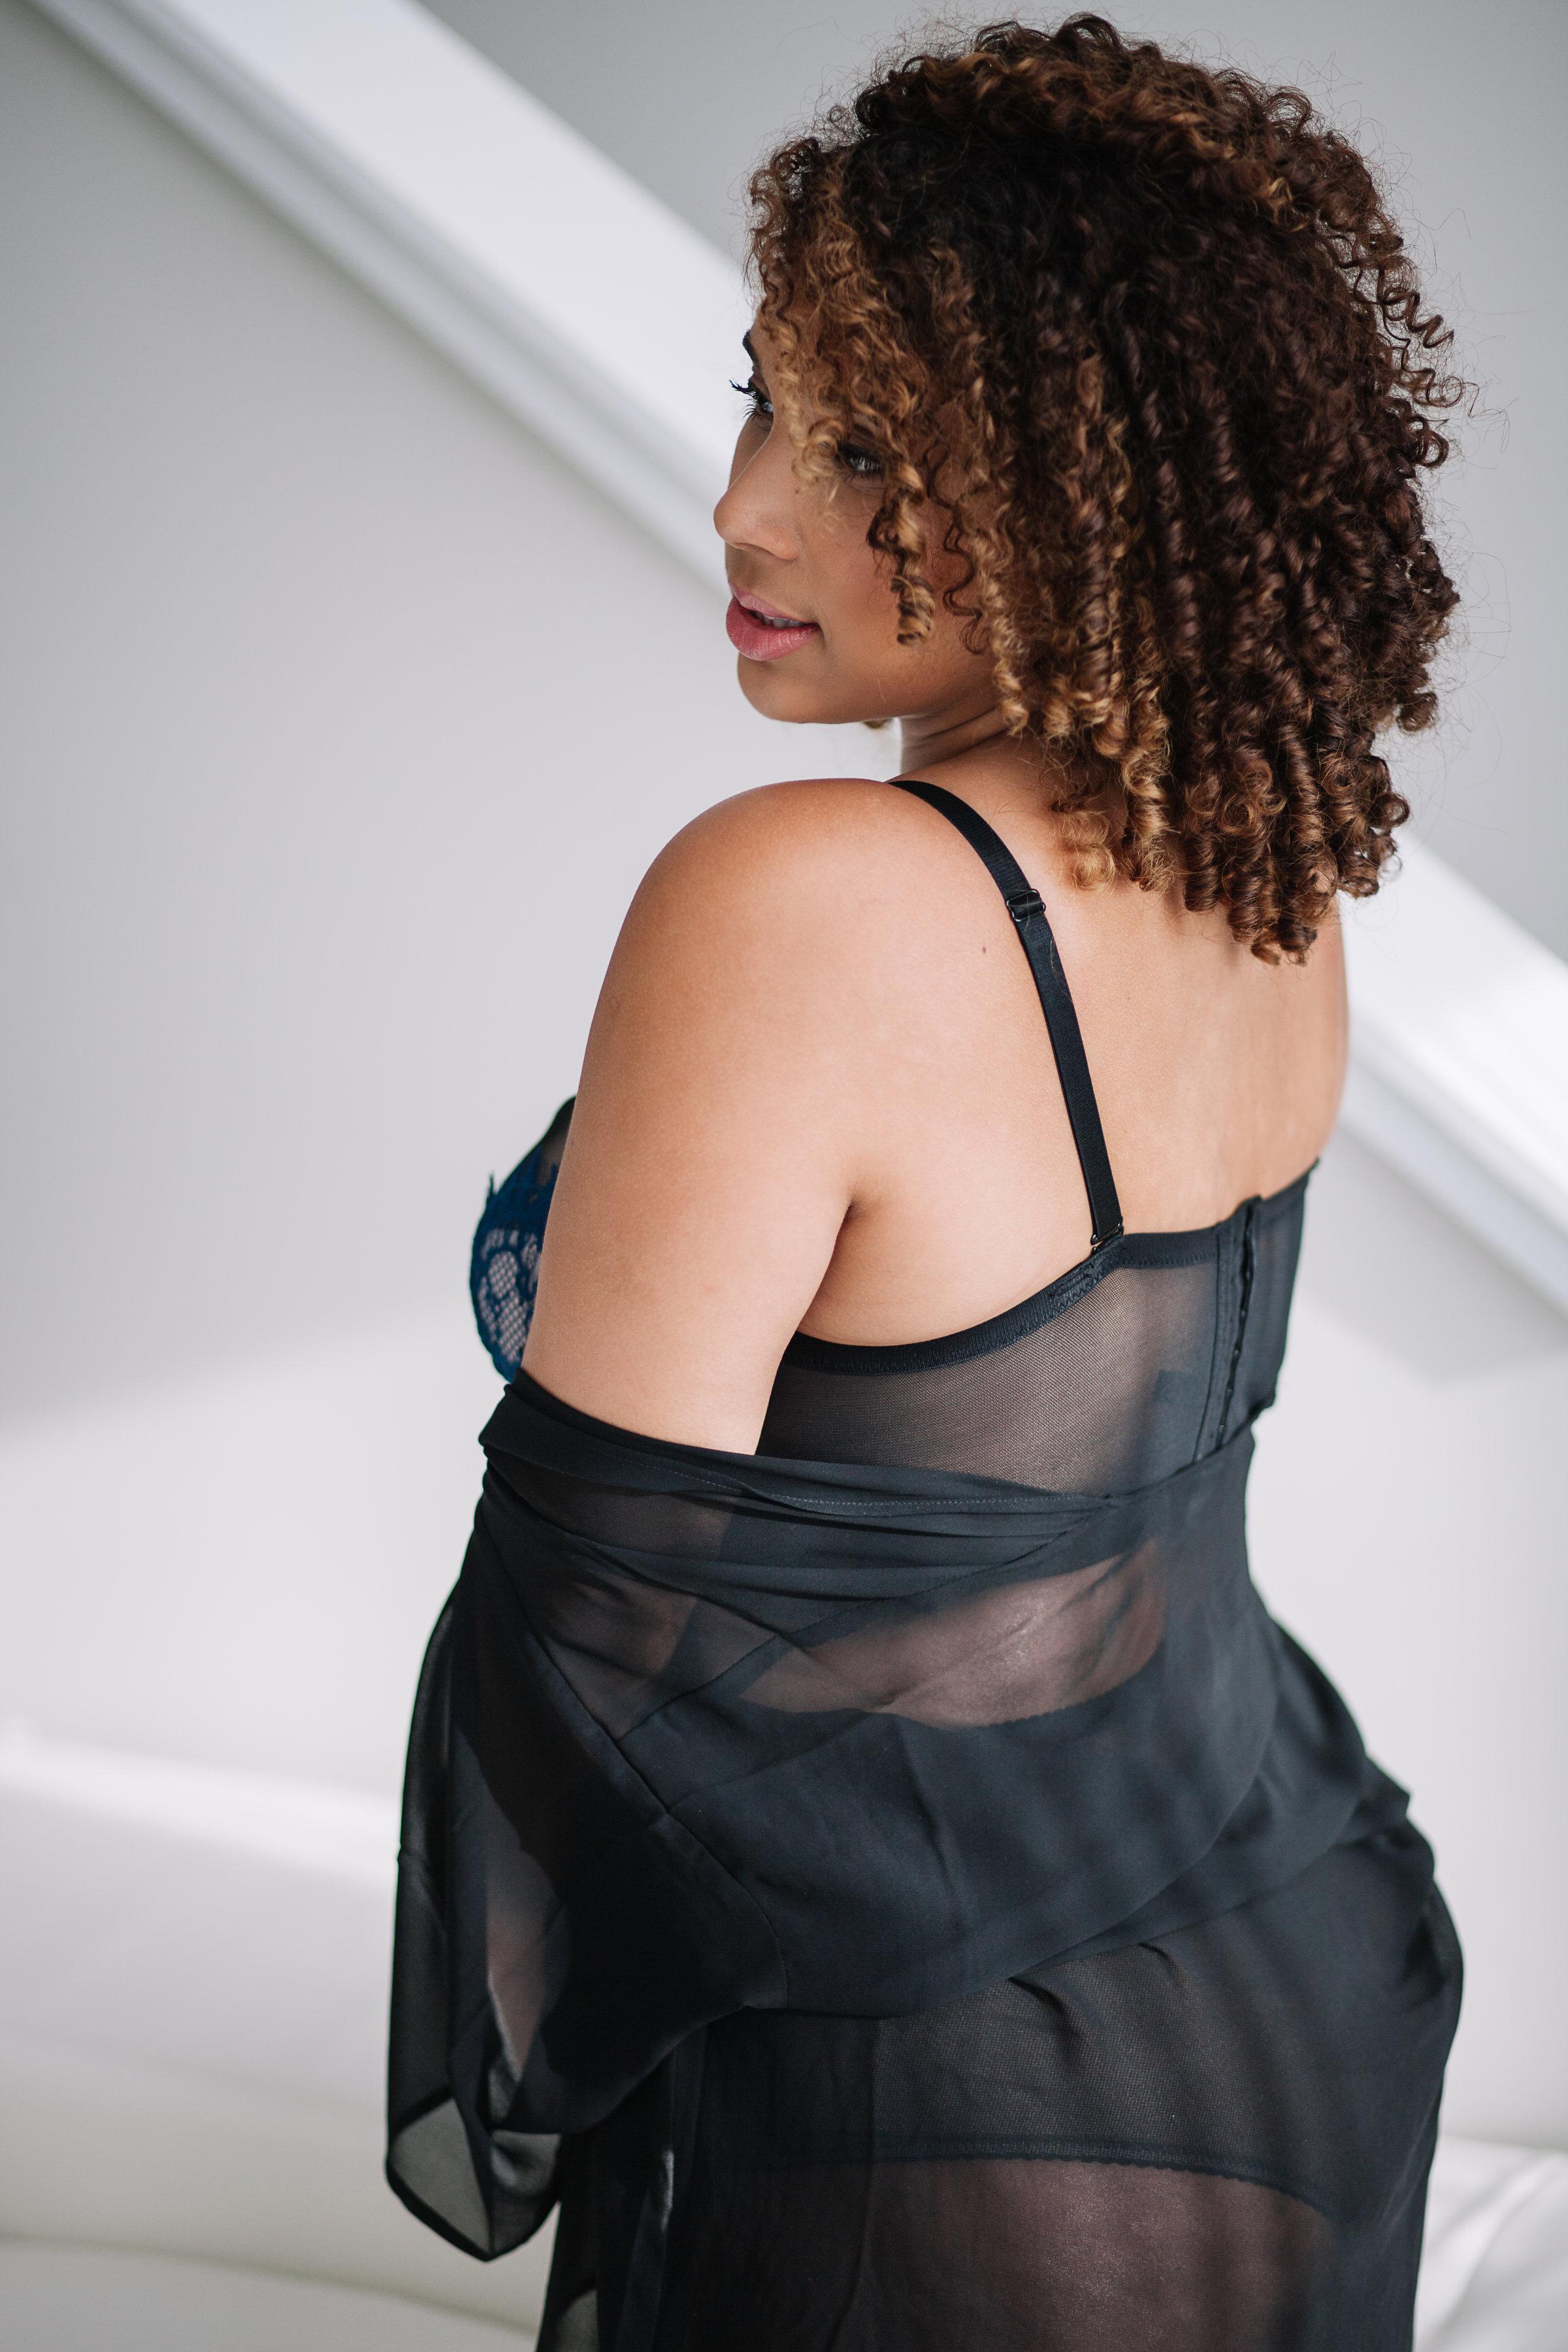 torrid-lingerie-plus-size.jpg